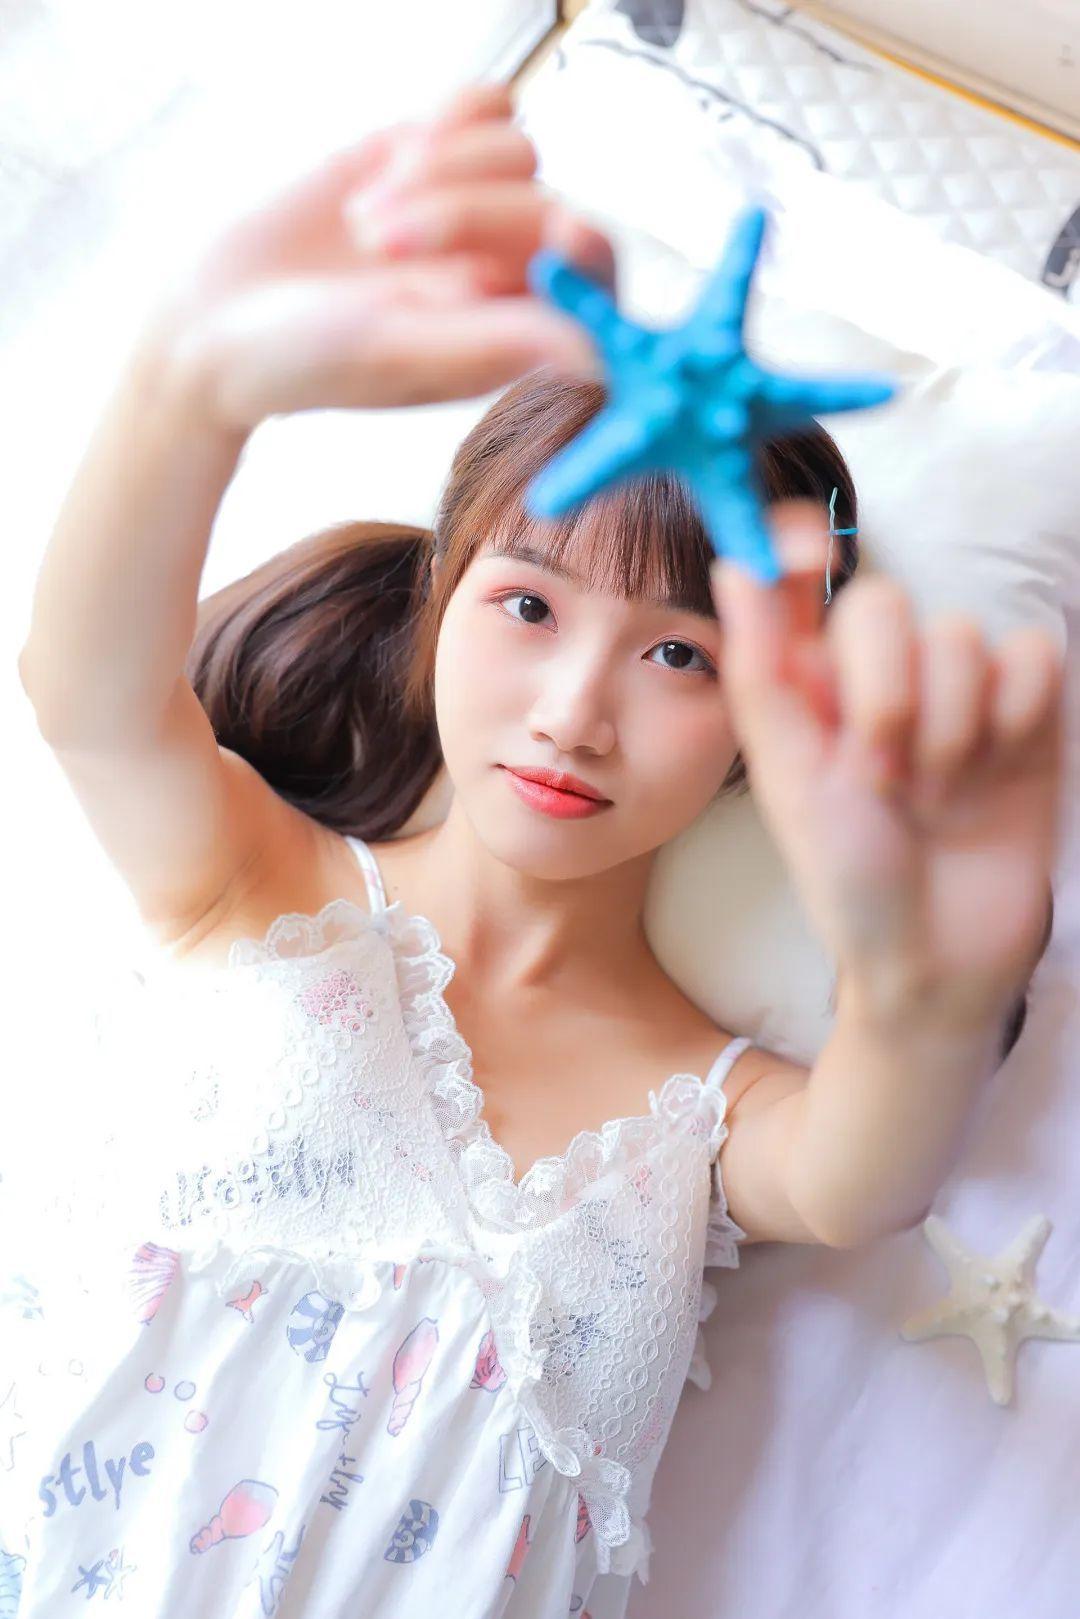 妹子摄影 – 白色连衣裙美腿少女的夏日生活_图片 No.11